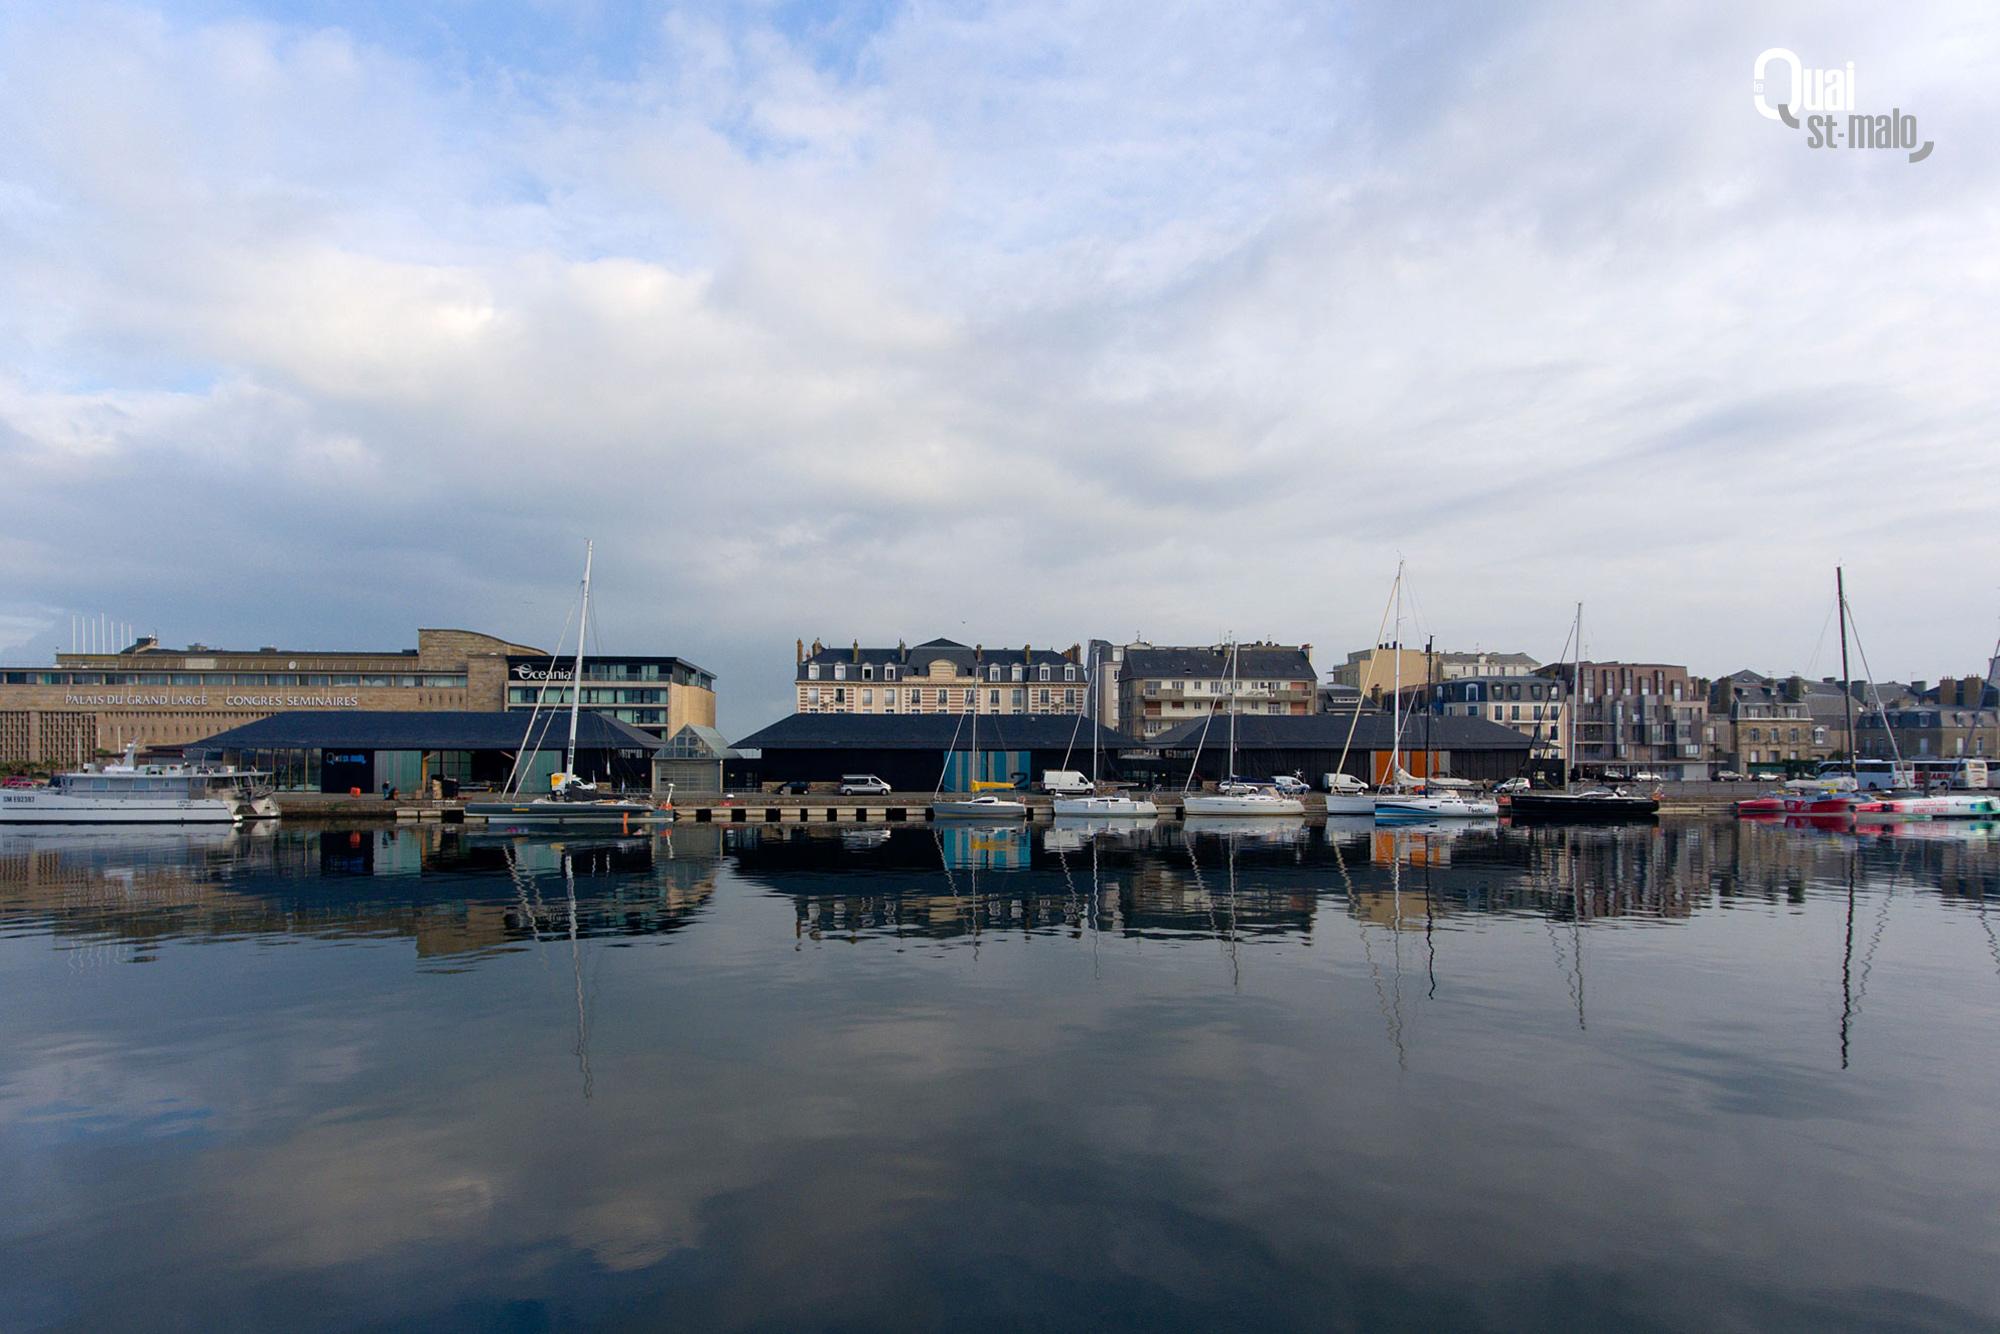 Quai Saint-Malo